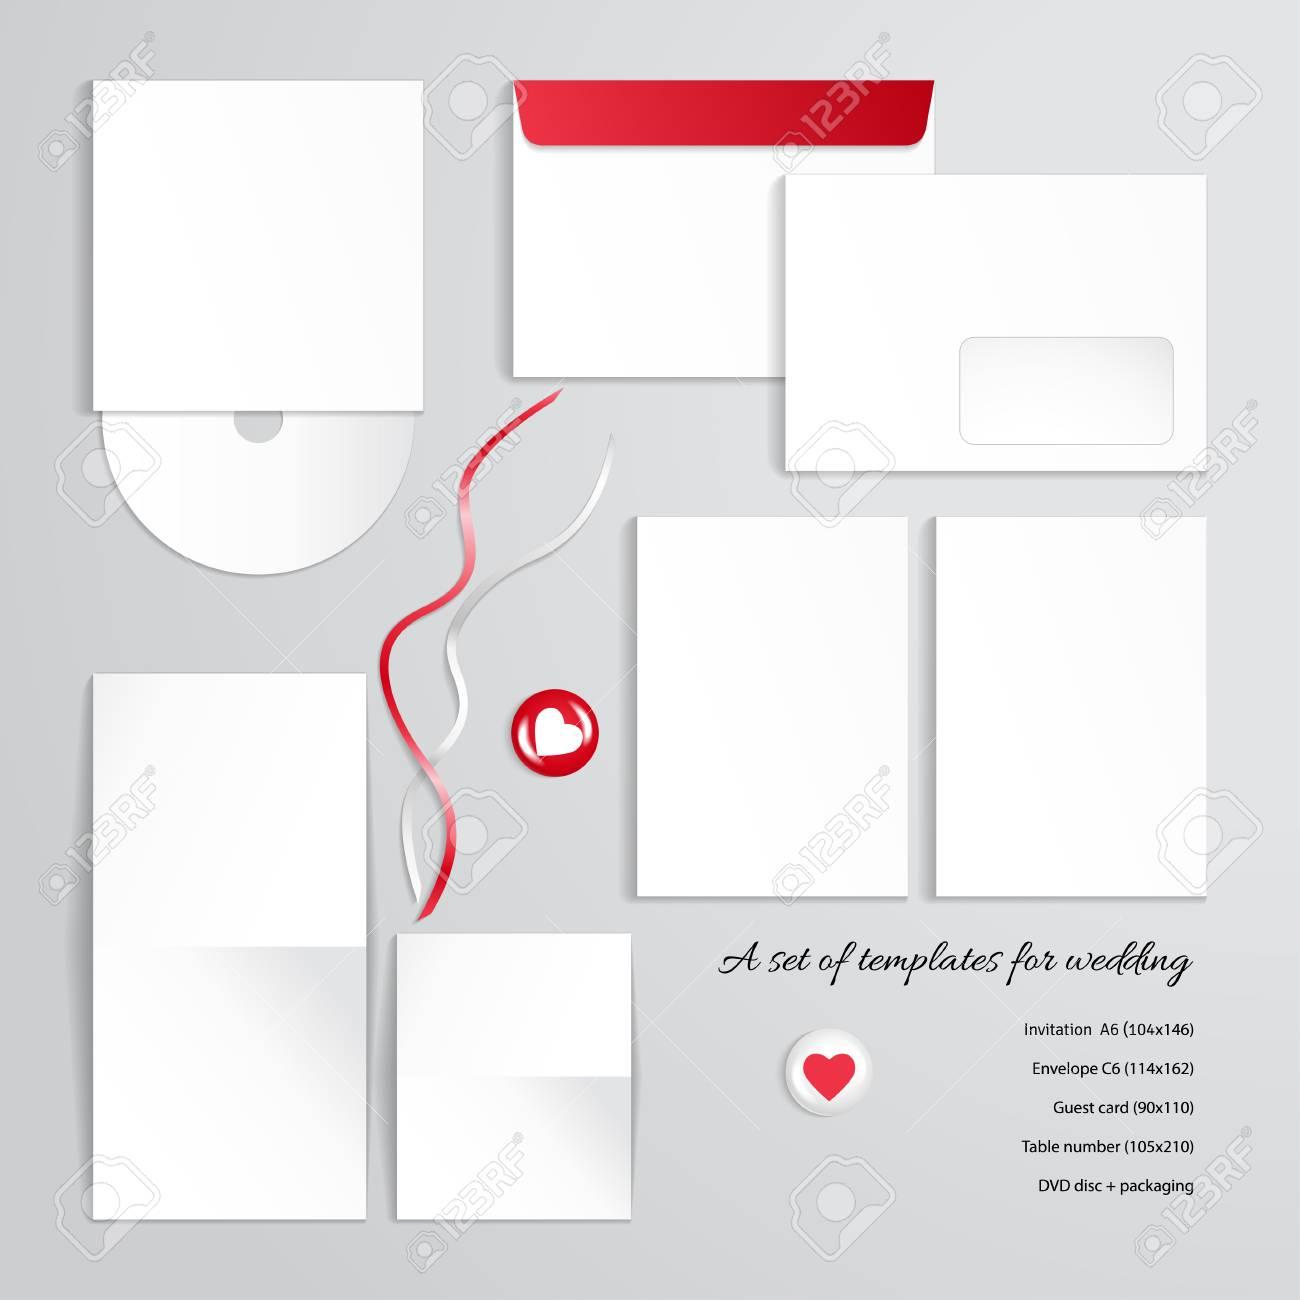 Vector Templates To Design A Wedding Invitation Envelope - Wedding invitation envelope design templates